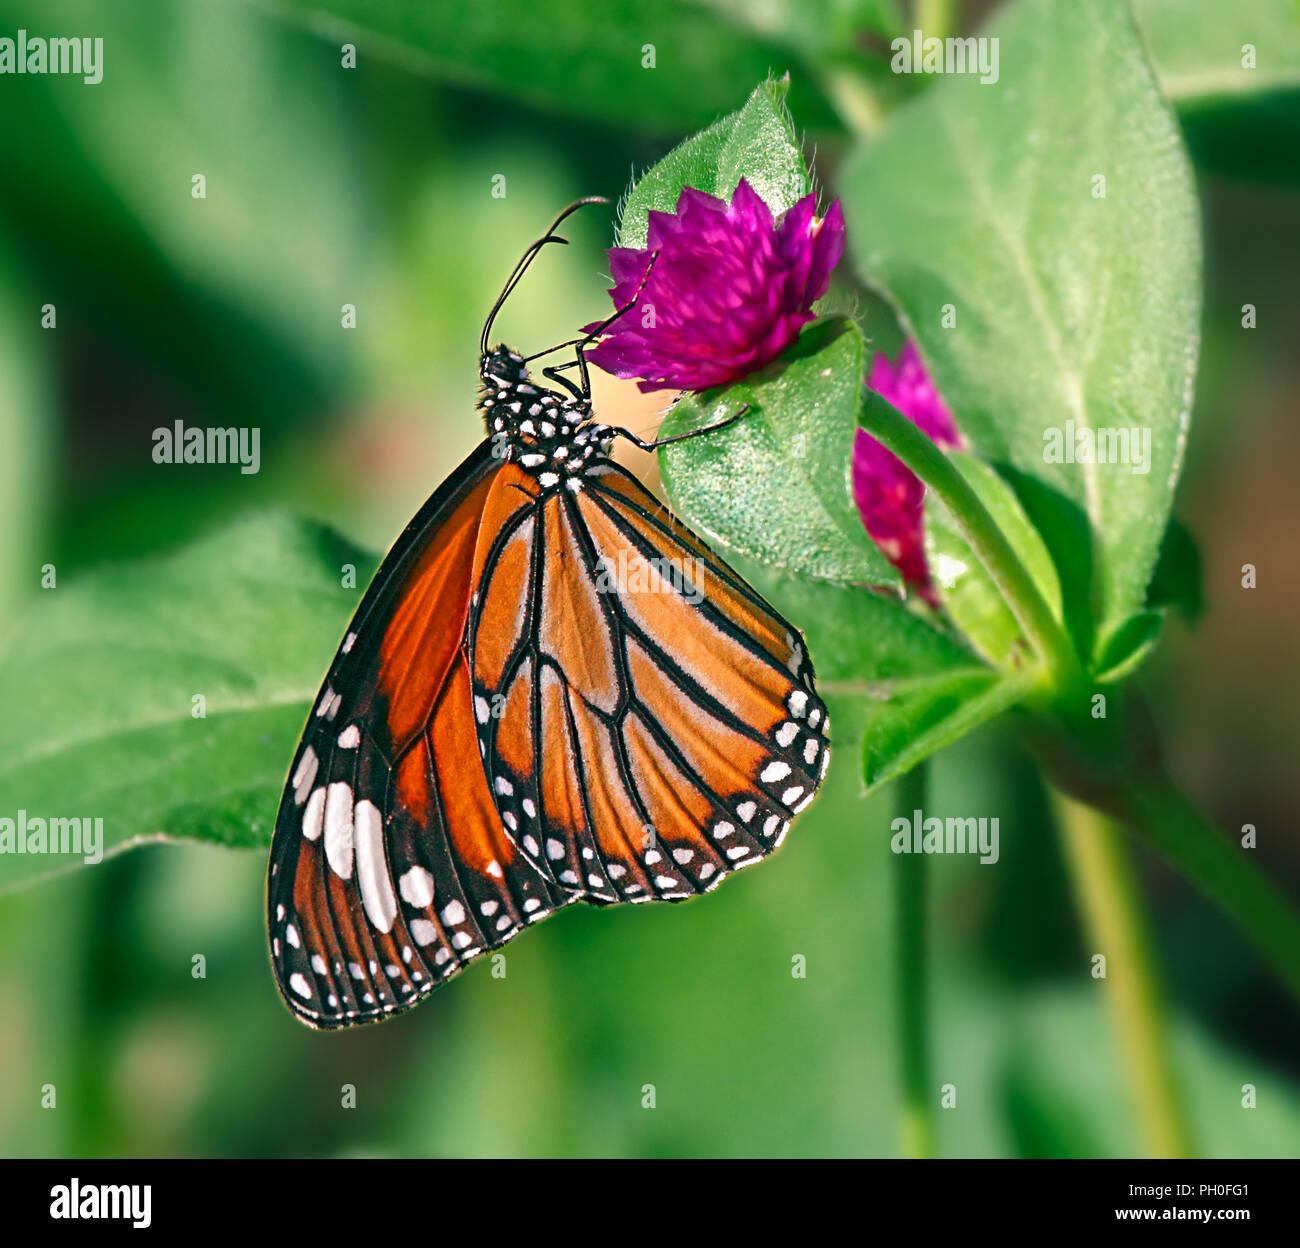 Danaus genutia o orientale tigre a strisce arancione farfalla su un fiore viola di gomphrena globose o comune di amaranto del globo. Immagini Stock